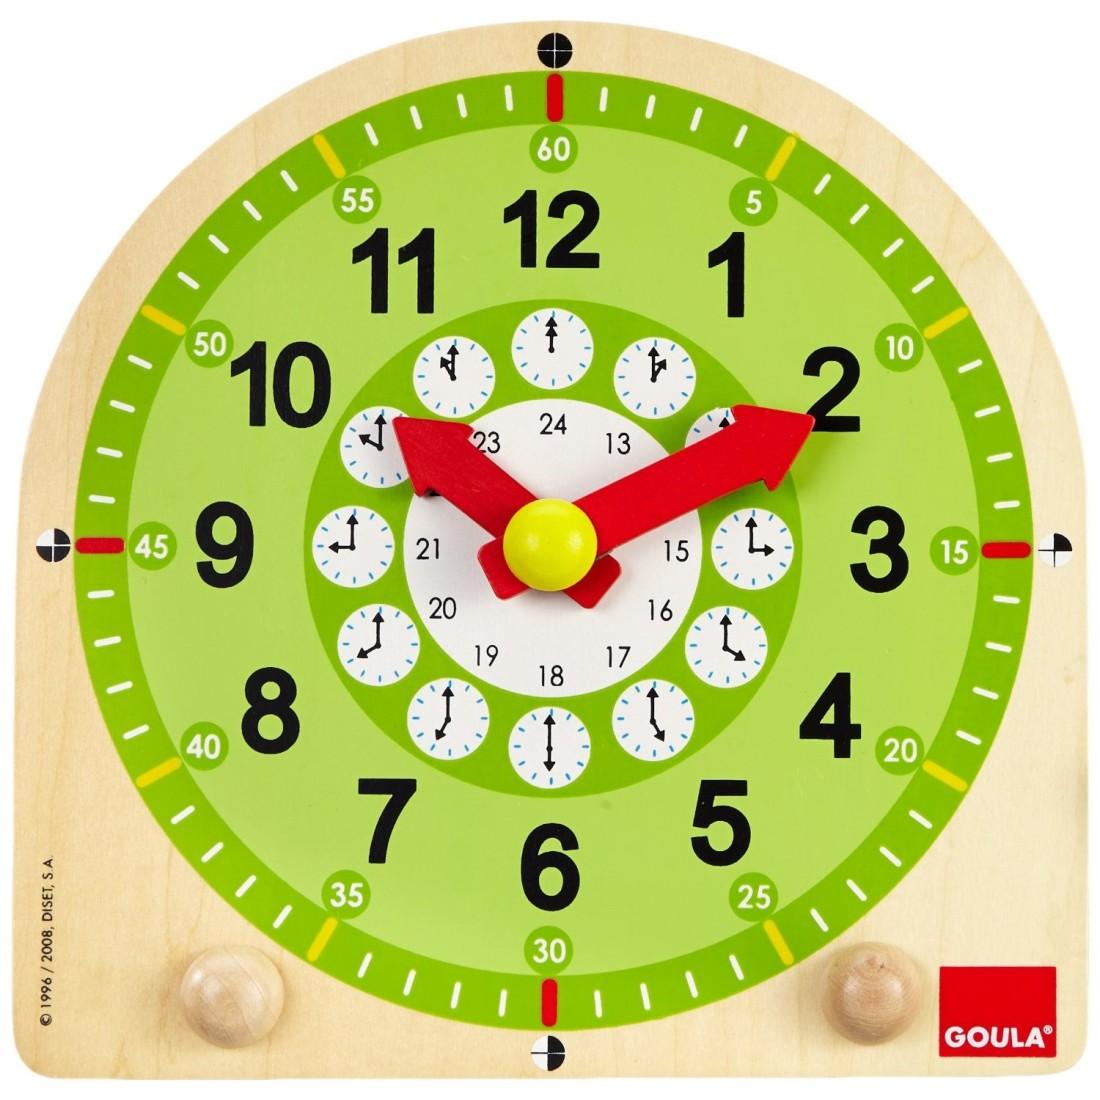 Amato orologio in legno per bambini per imparare a leggere l'ora GR25